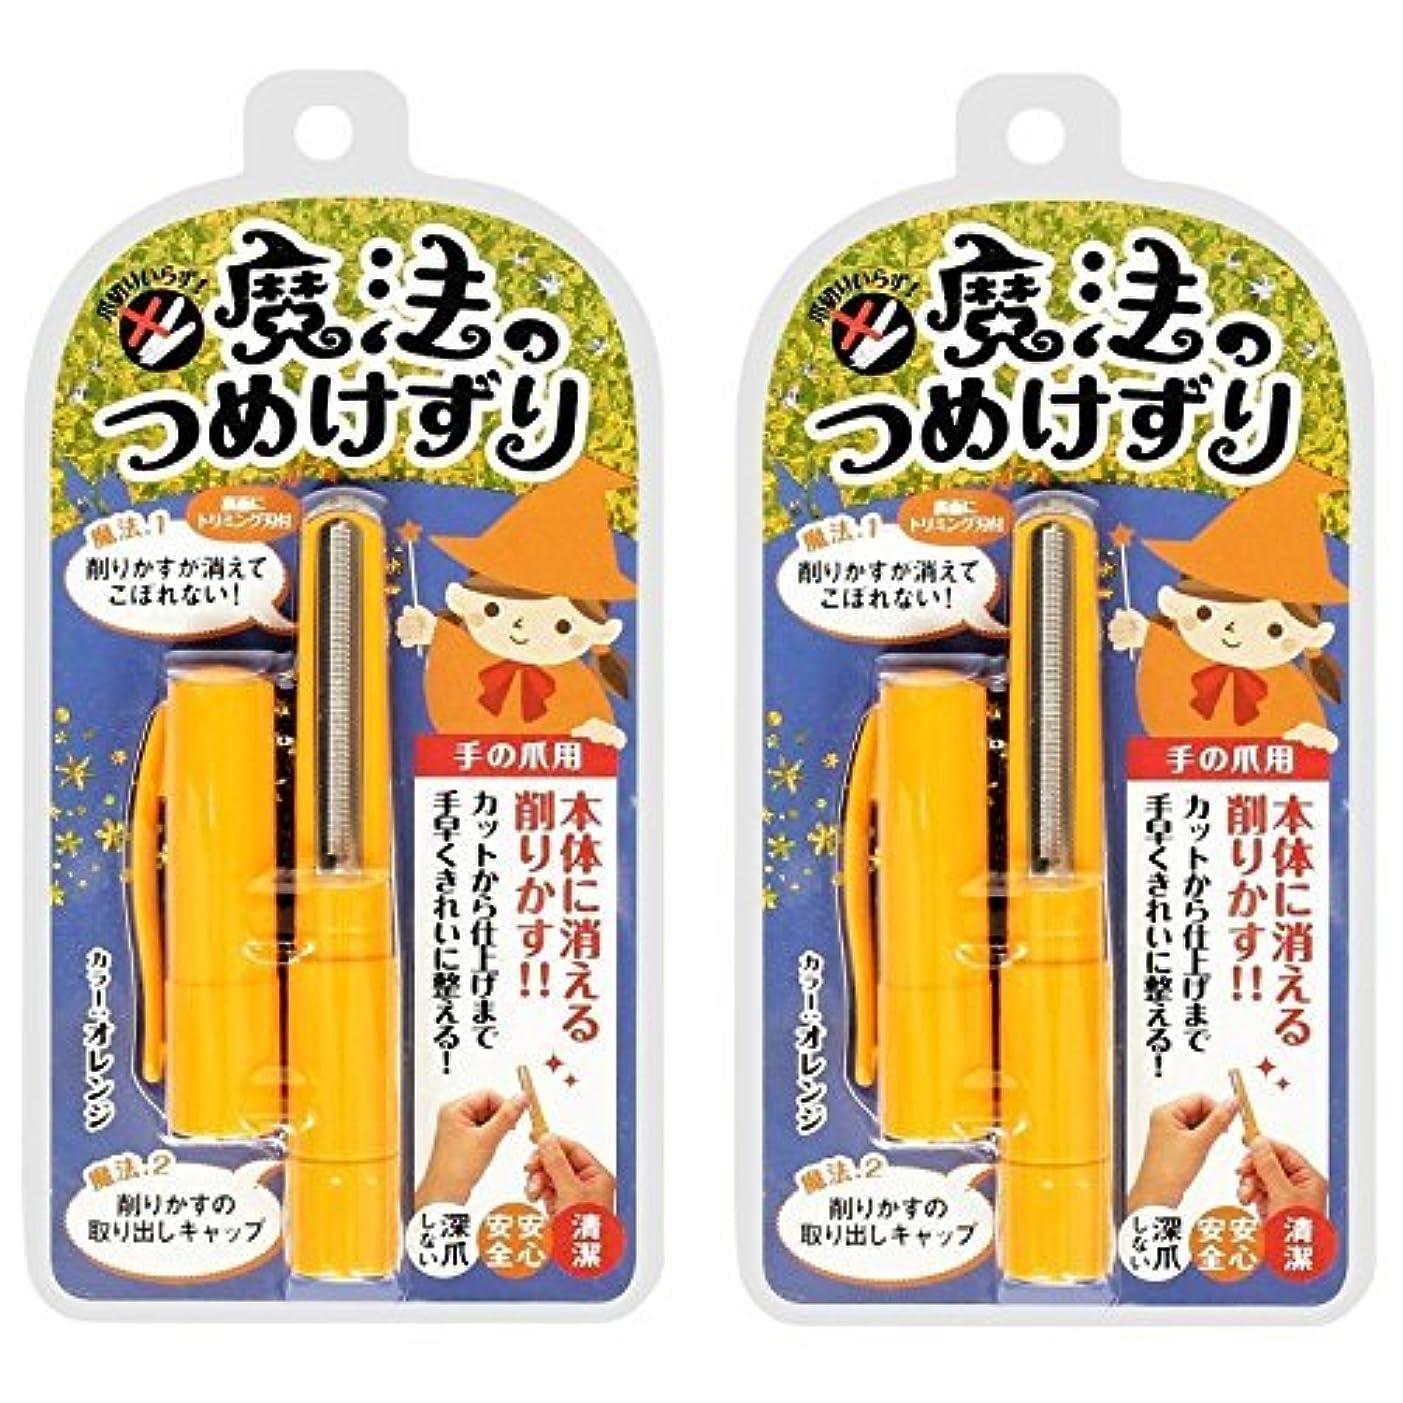 公然と感謝祭有名【セット品】松本金型 魔法のつめけずり MM-090 オレンジ ×2個